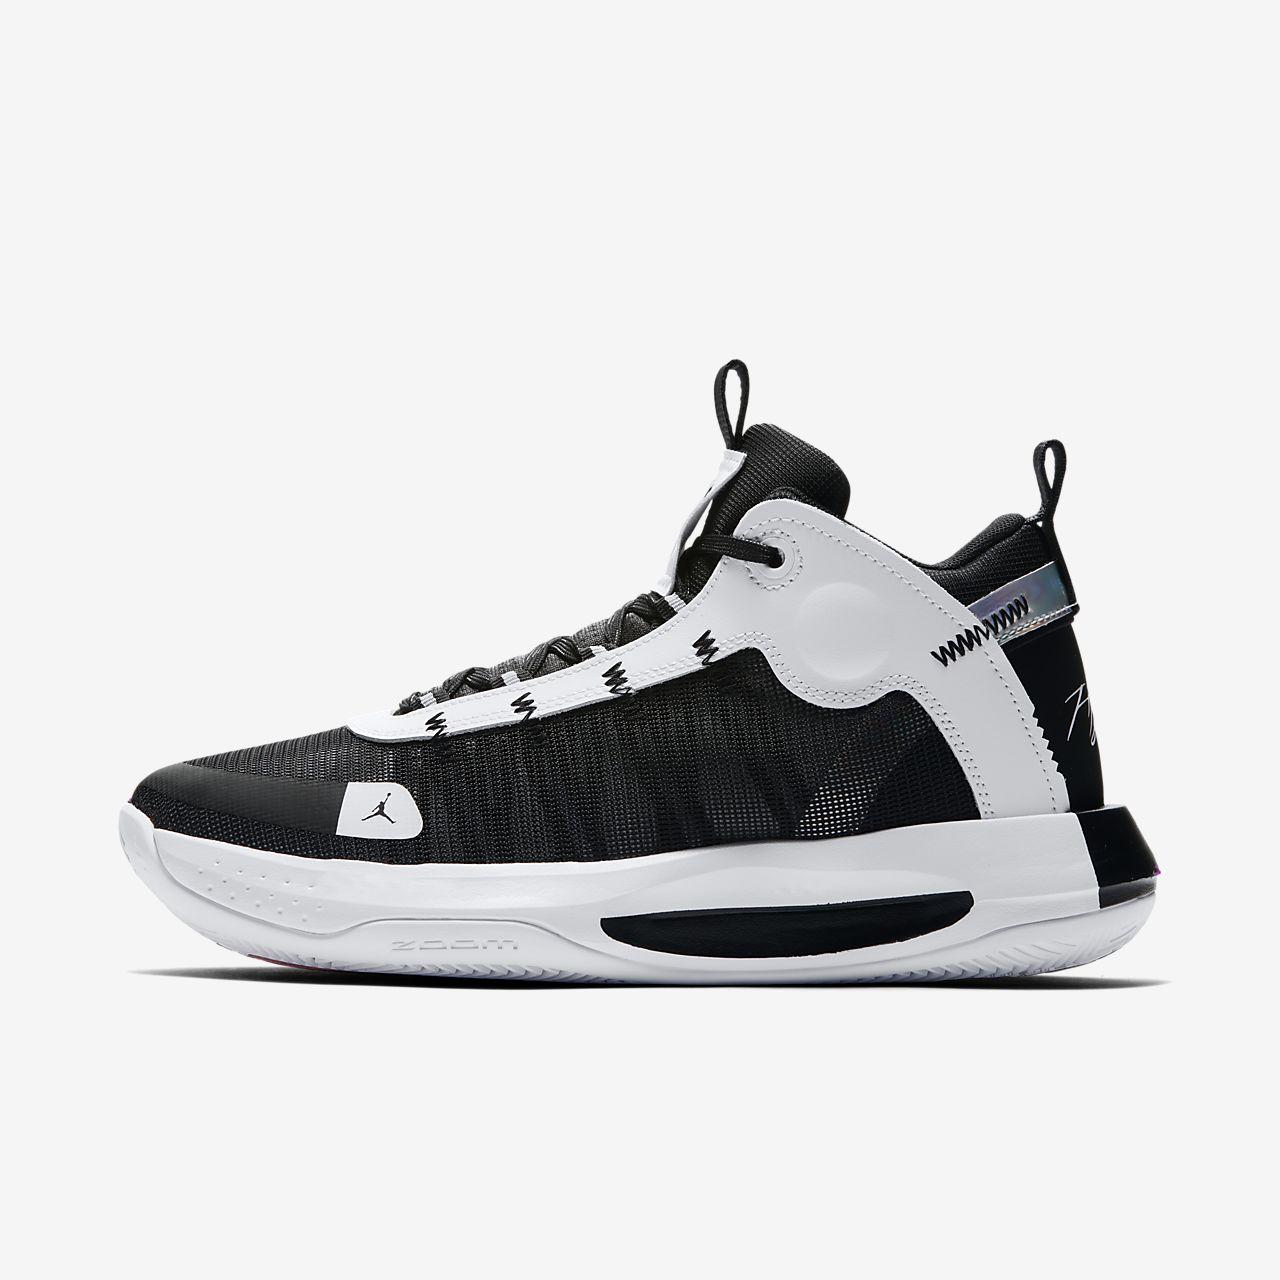 scarpe da basket jordan